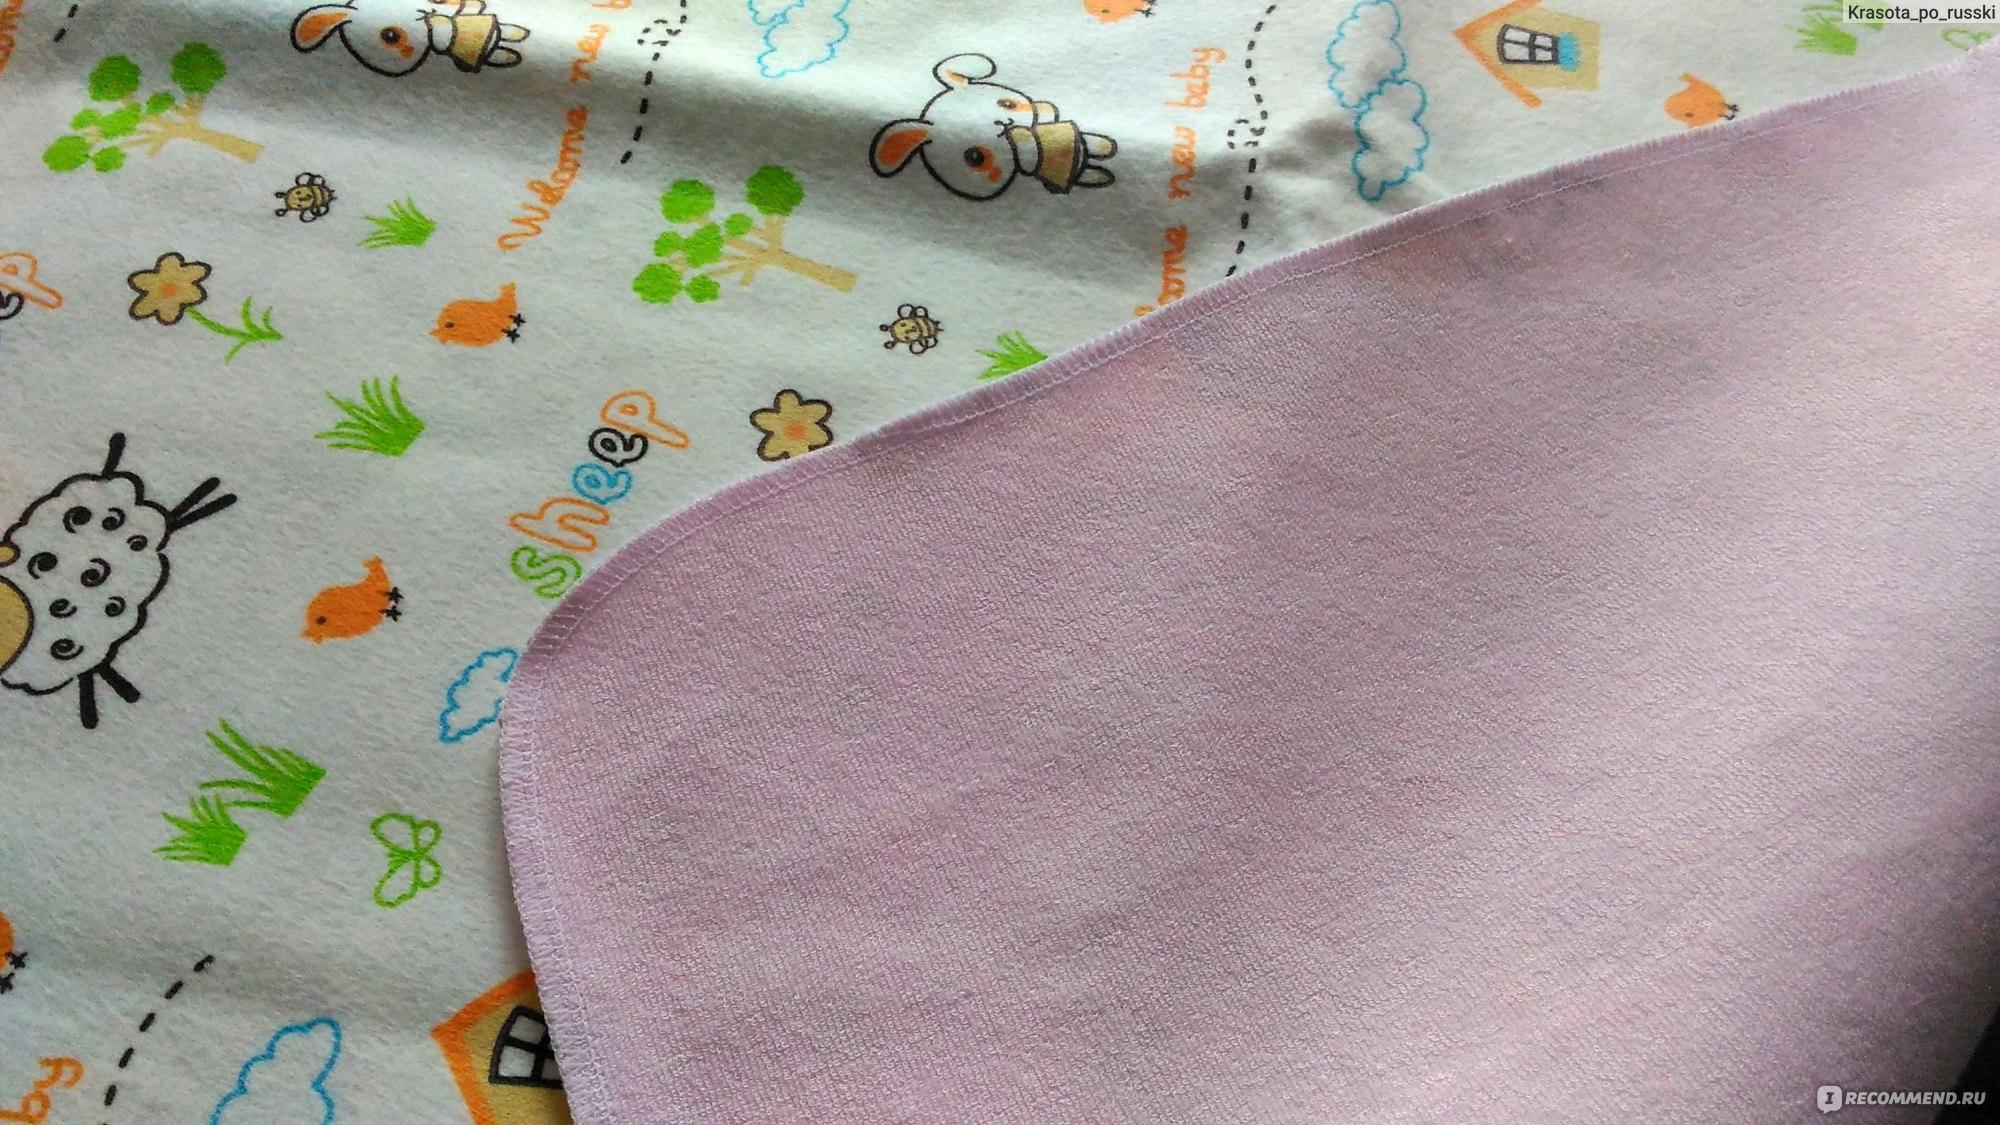 Постельное белье Антипамперс Непромокаемая двусторонняя пеленка - «А ... 15c226cea07